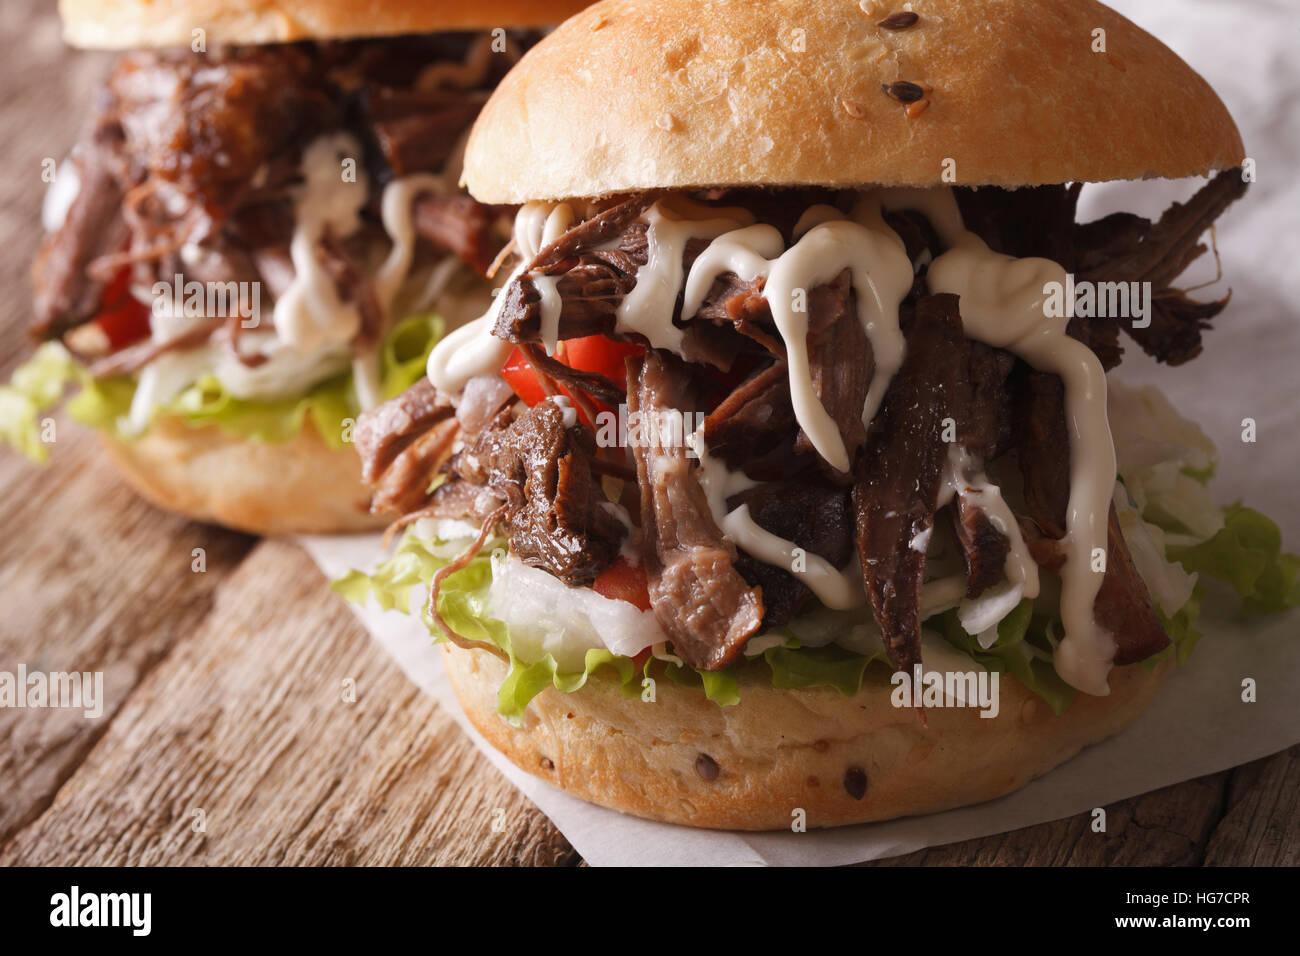 Délicieux sandwich salade de porc avec la sauce et gros plan sur la table. L'horizontale Photo Stock